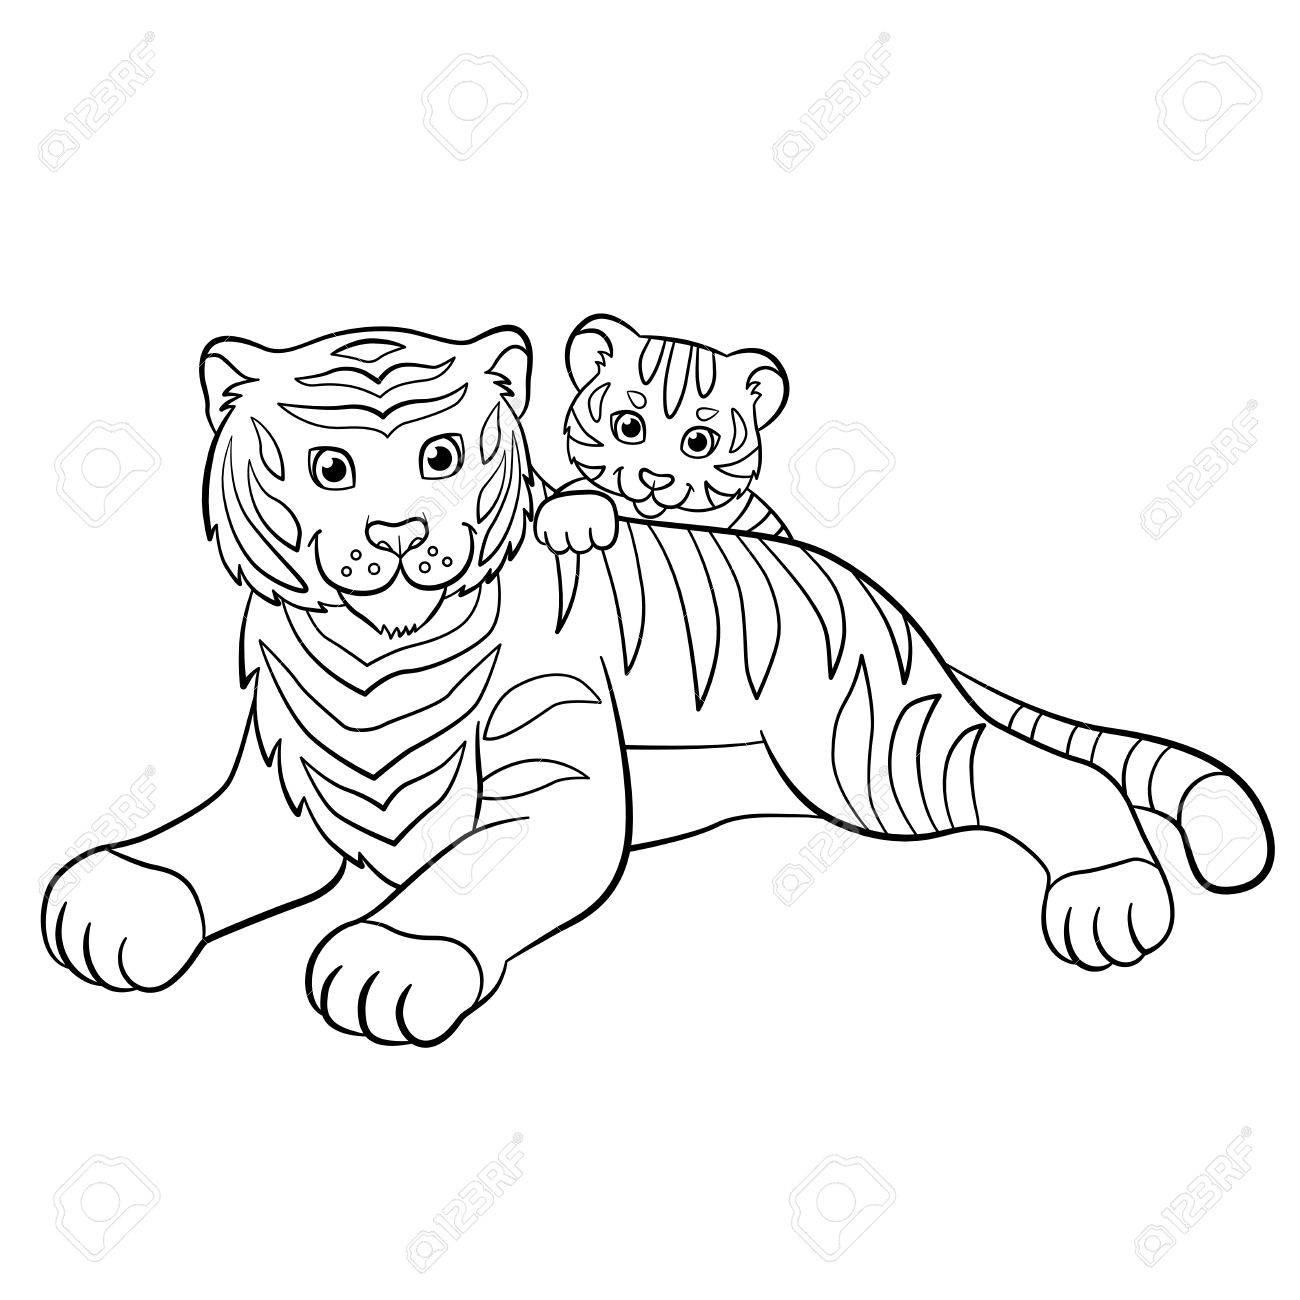 Malvorlagen Wilde Tiere Lächelnd Mutter Tiger Mit Ihrem Kleinen